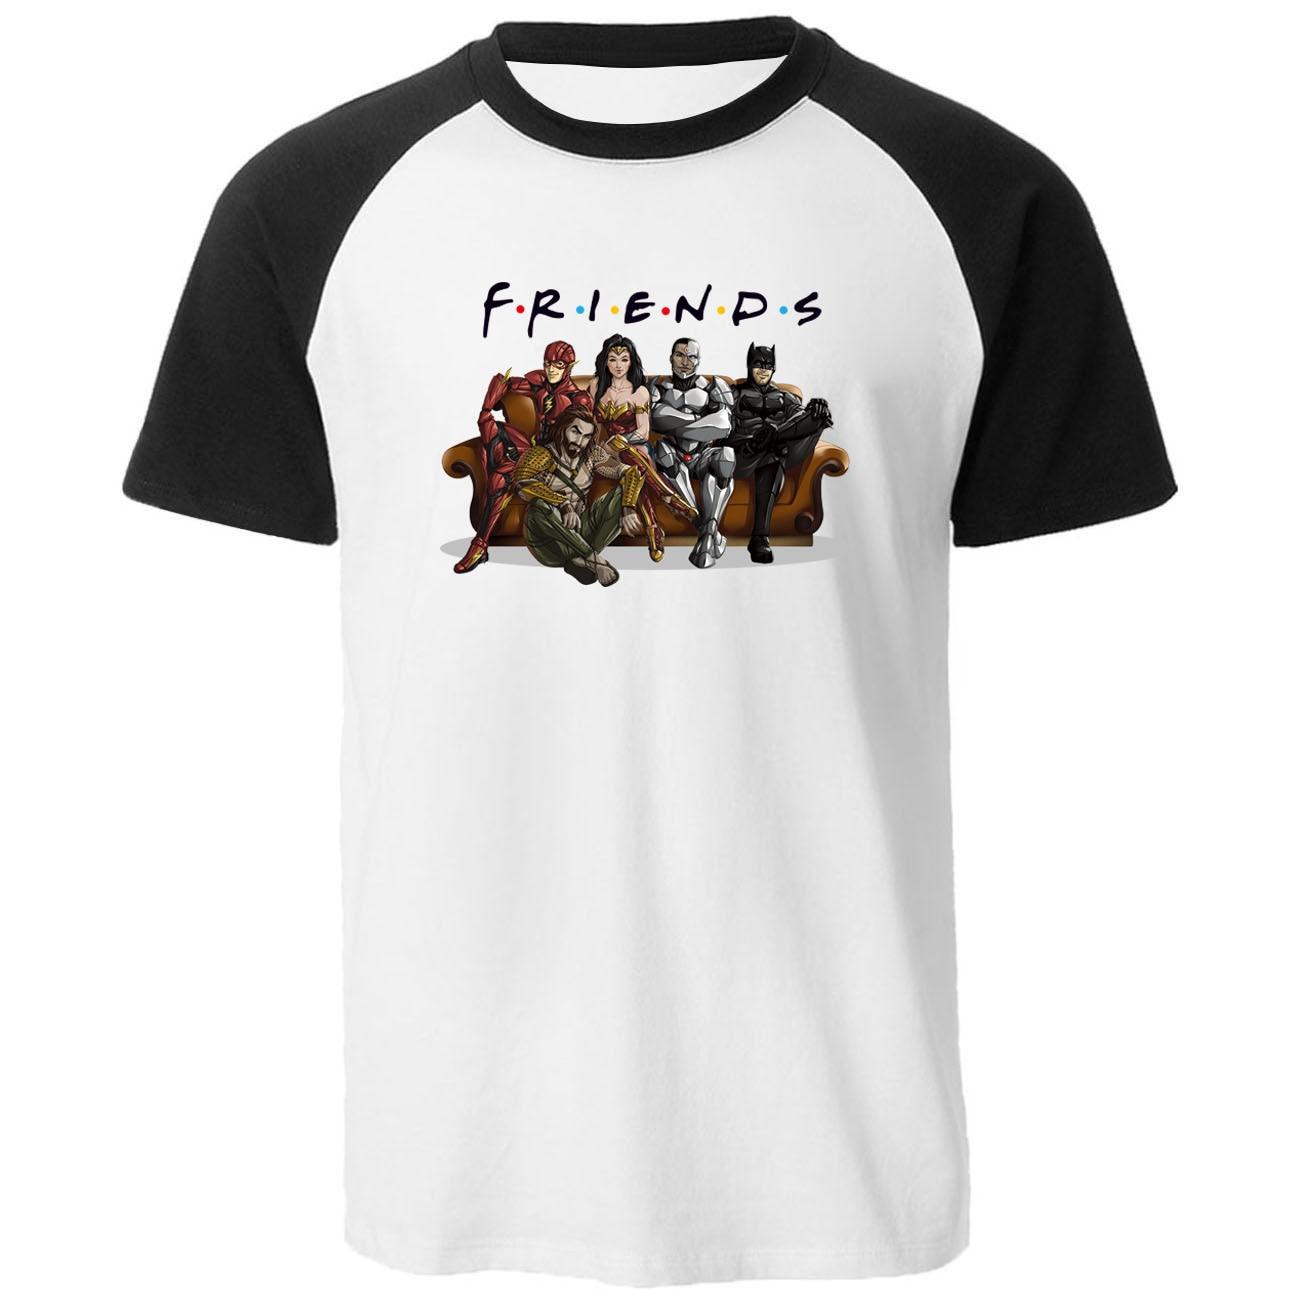 Fahsion Raglan Cartoon Friends Printed Homme T-shirts Men Hip Hop Batman Tops 2020 Streetwear Popular Summer 100% Cotton T Shirt